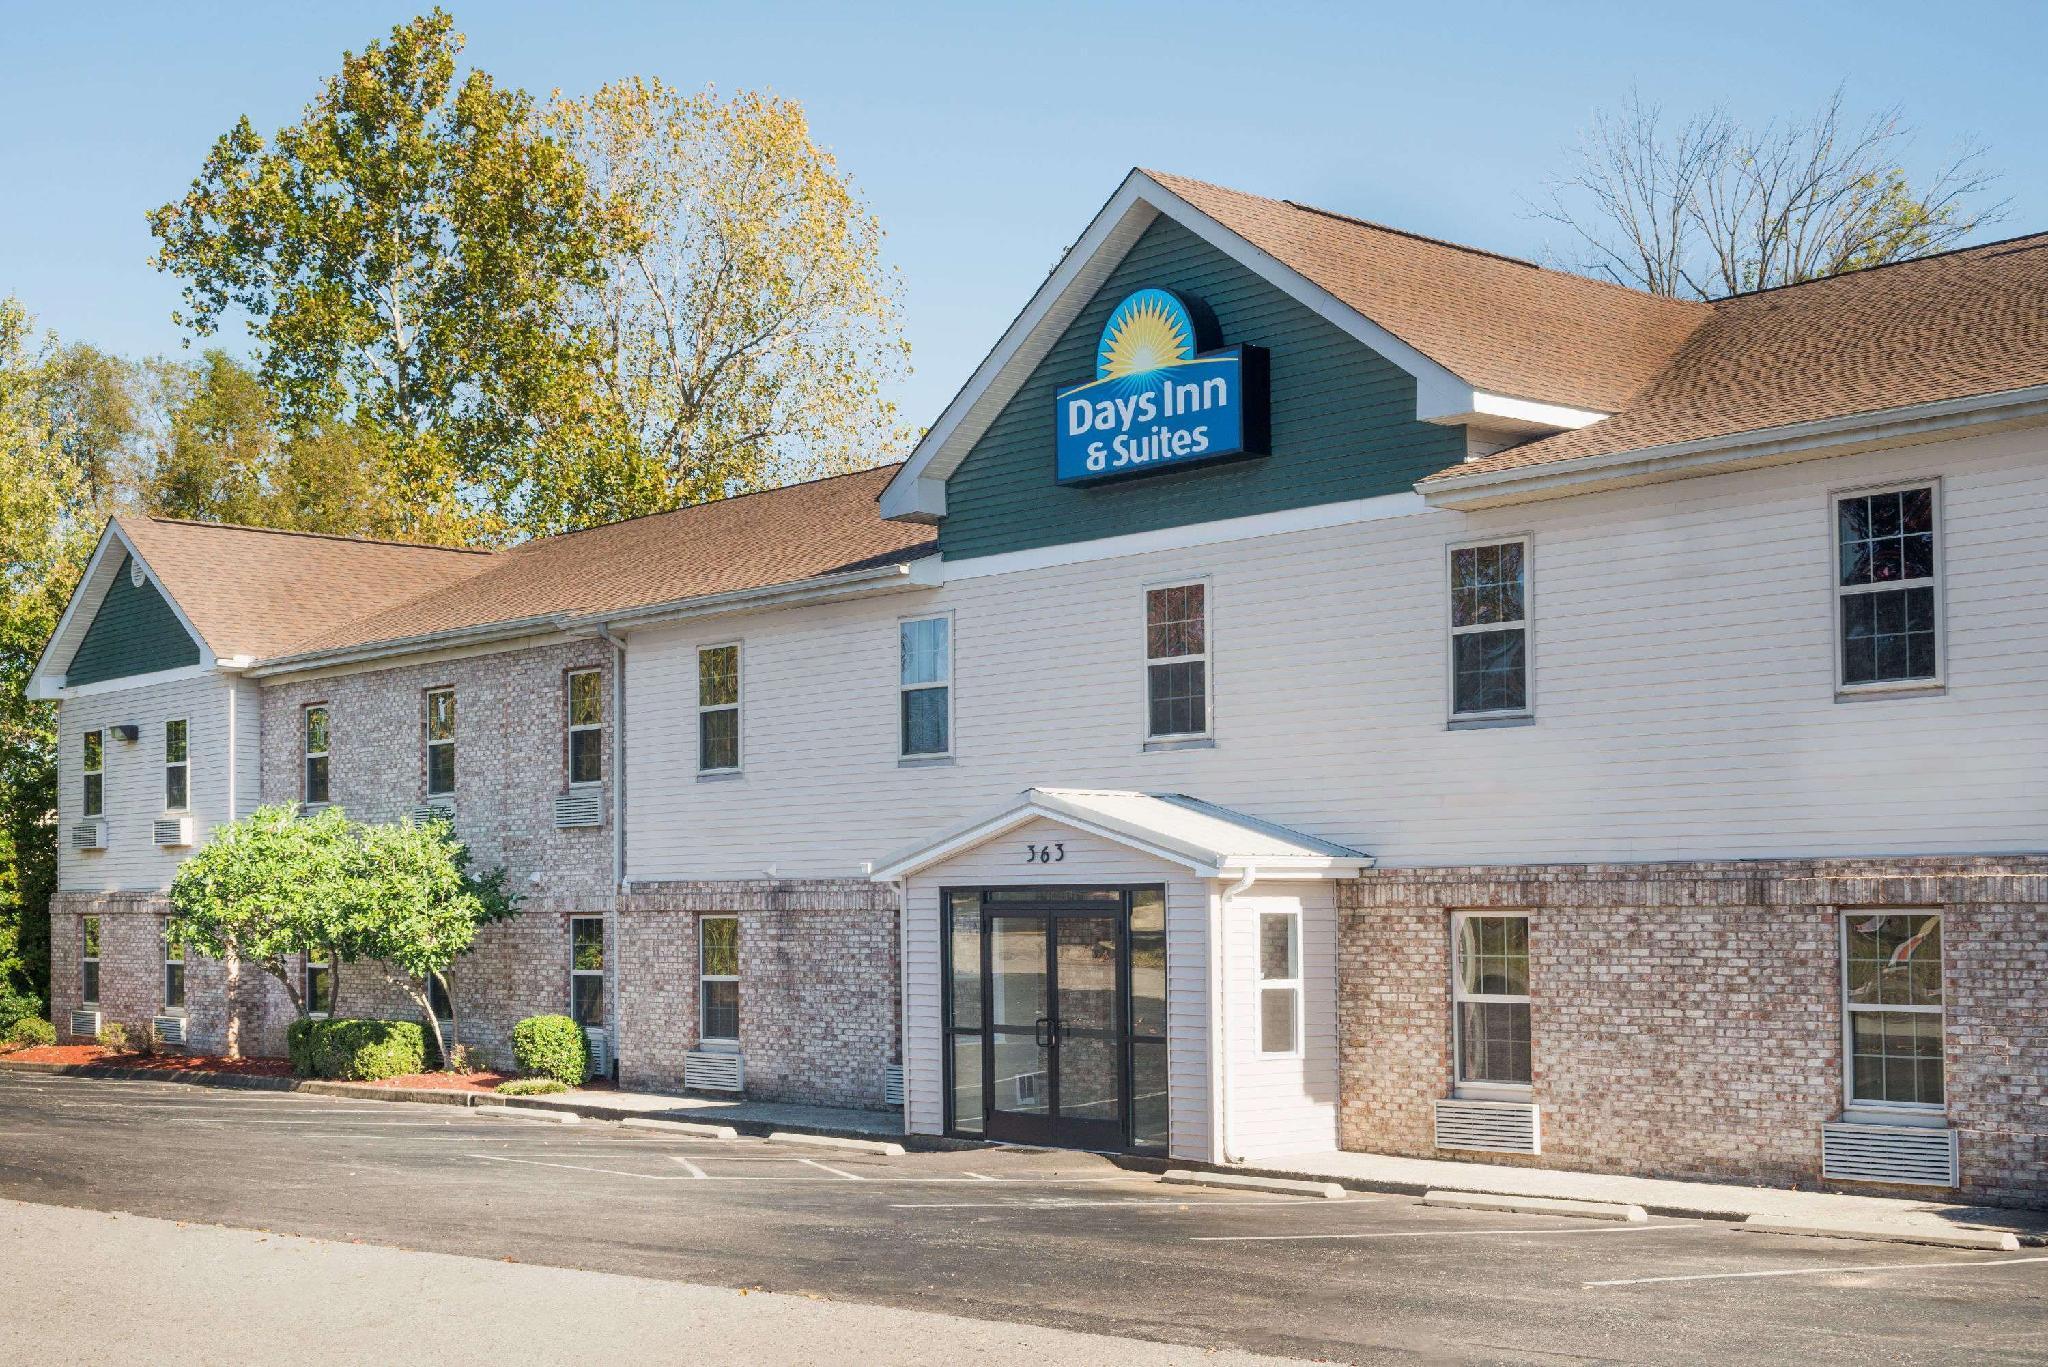 Days Inn And Suites By Wyndham Sellersburg